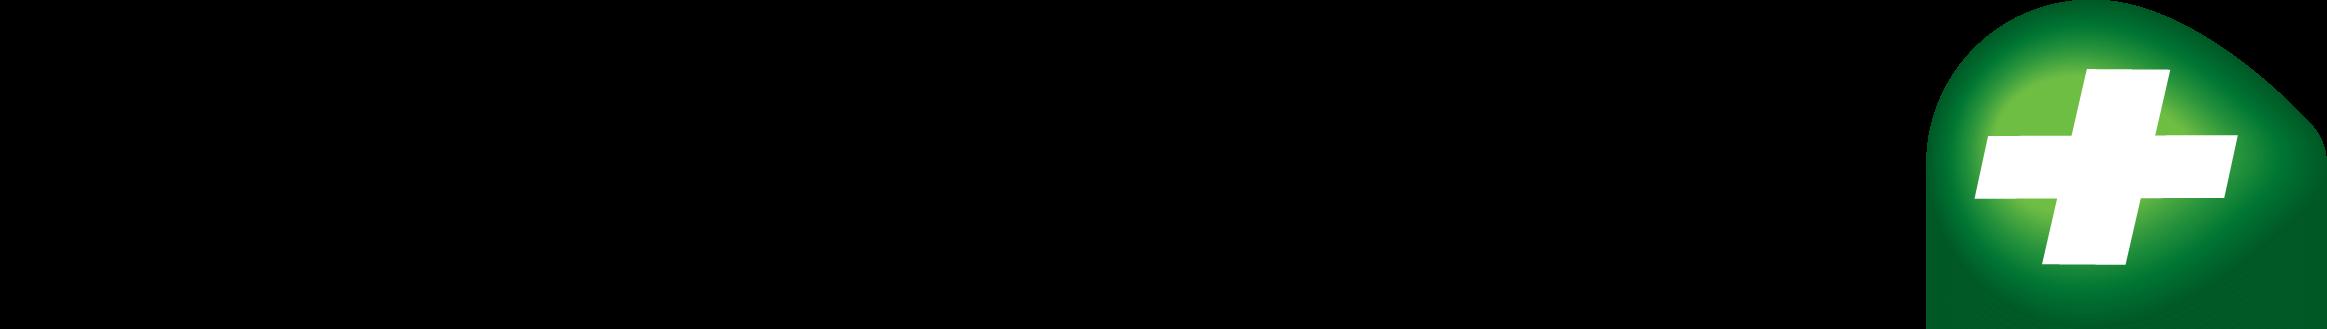 GD2 Serviliner